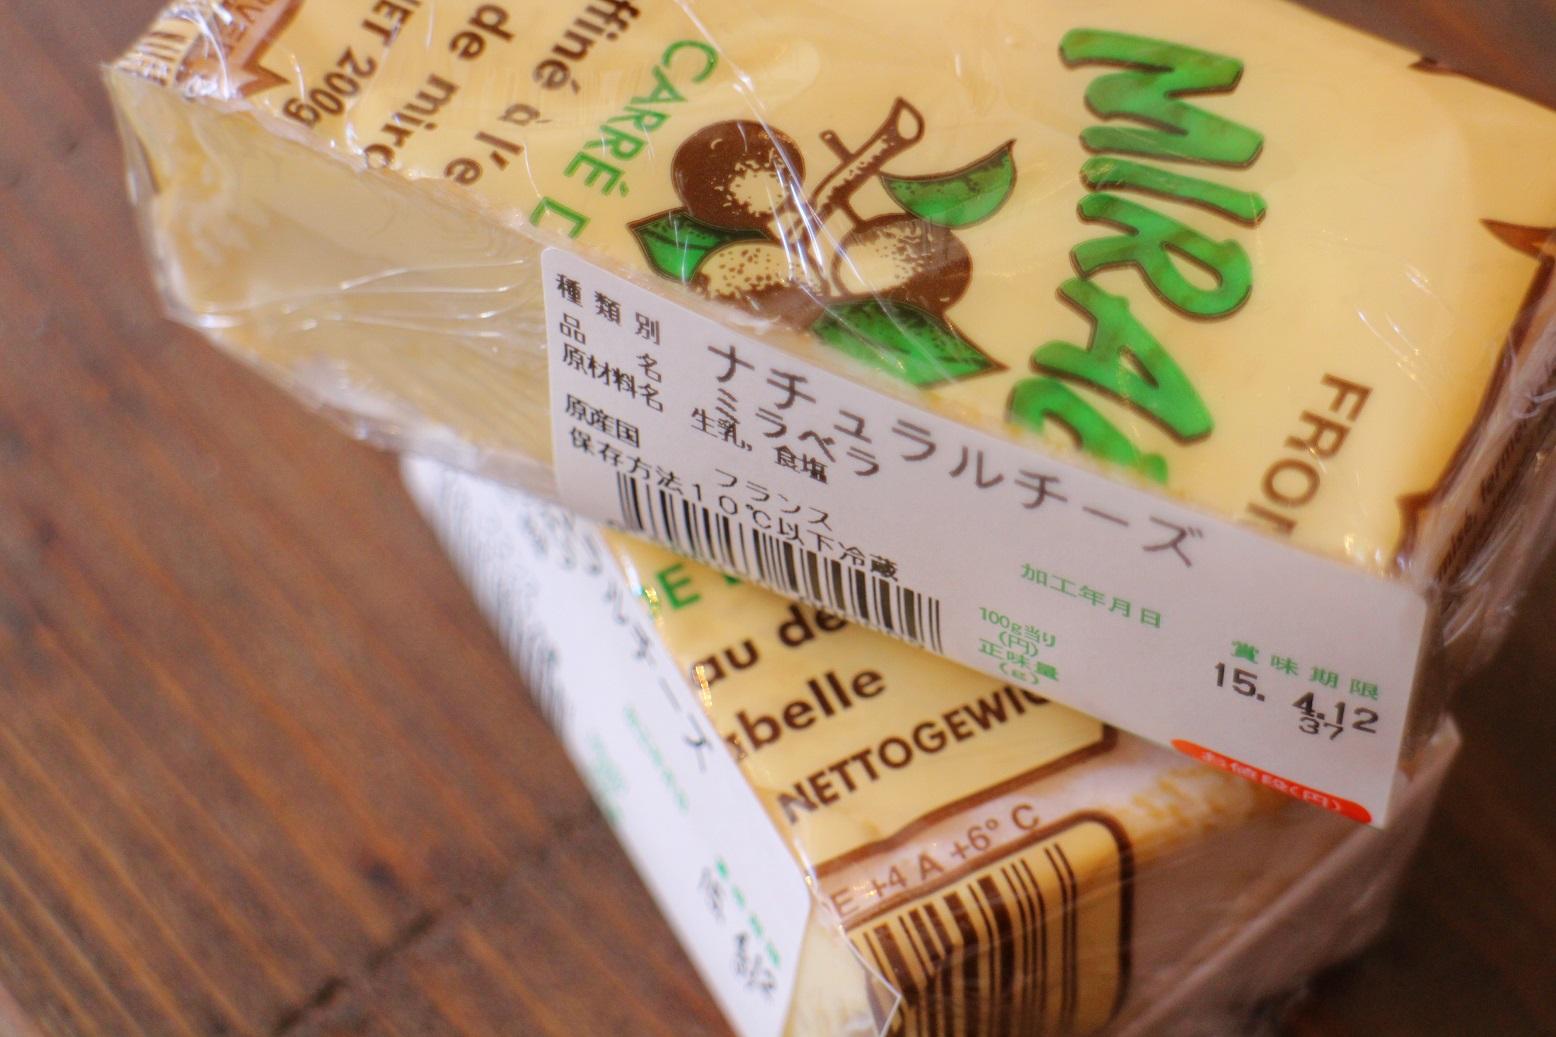 チーズ入荷しました!_b0016474_11215653.jpg